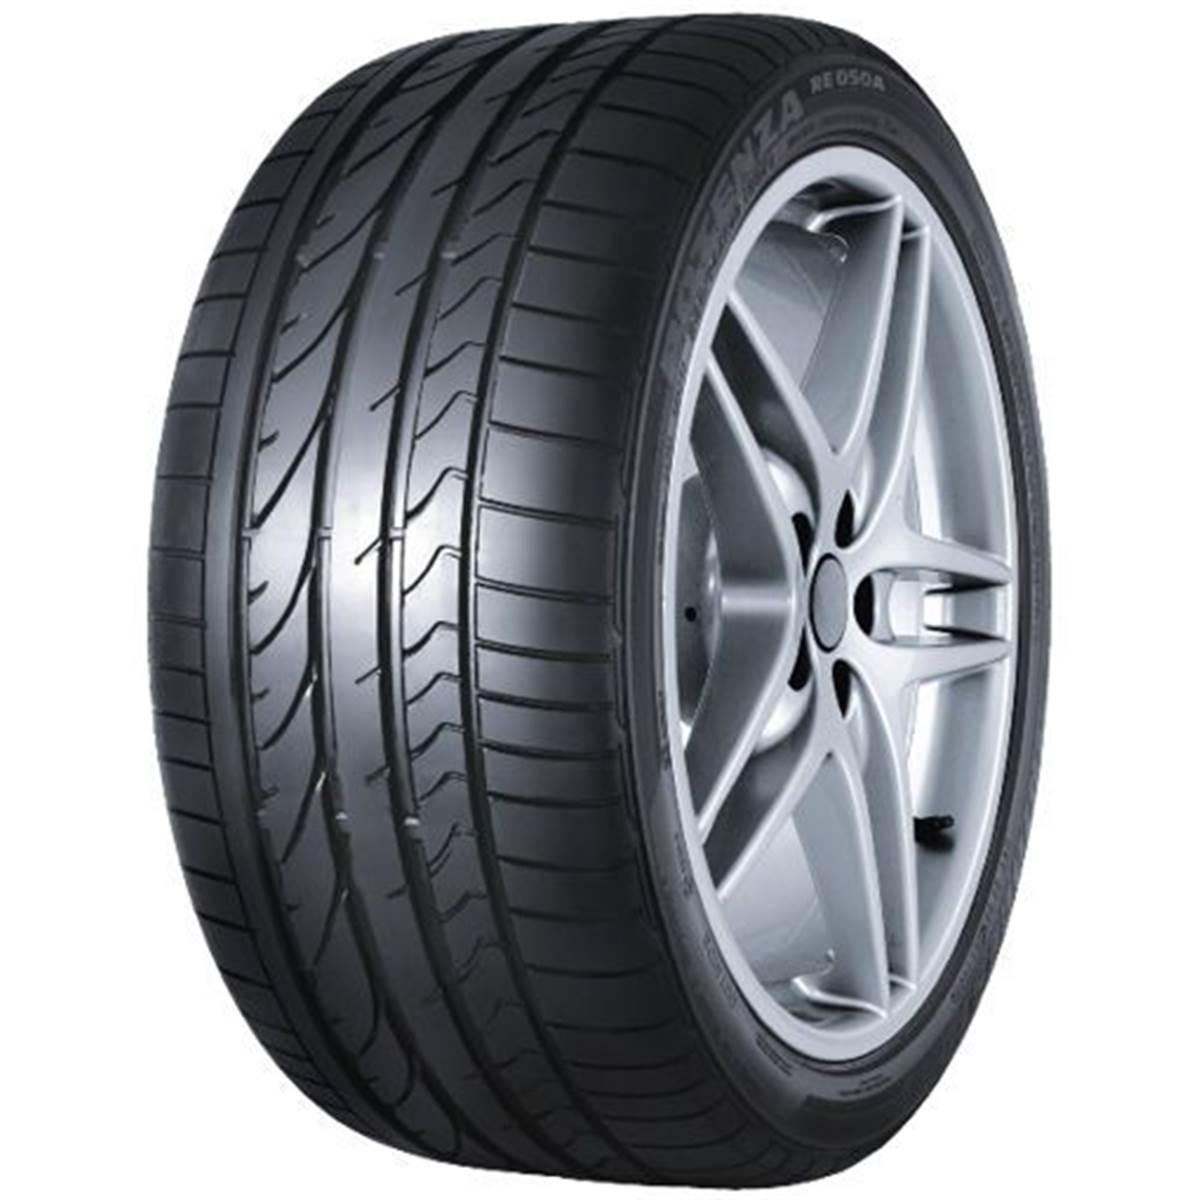 Pneu Bridgestone 265/35R19 94Y Potenza Re050